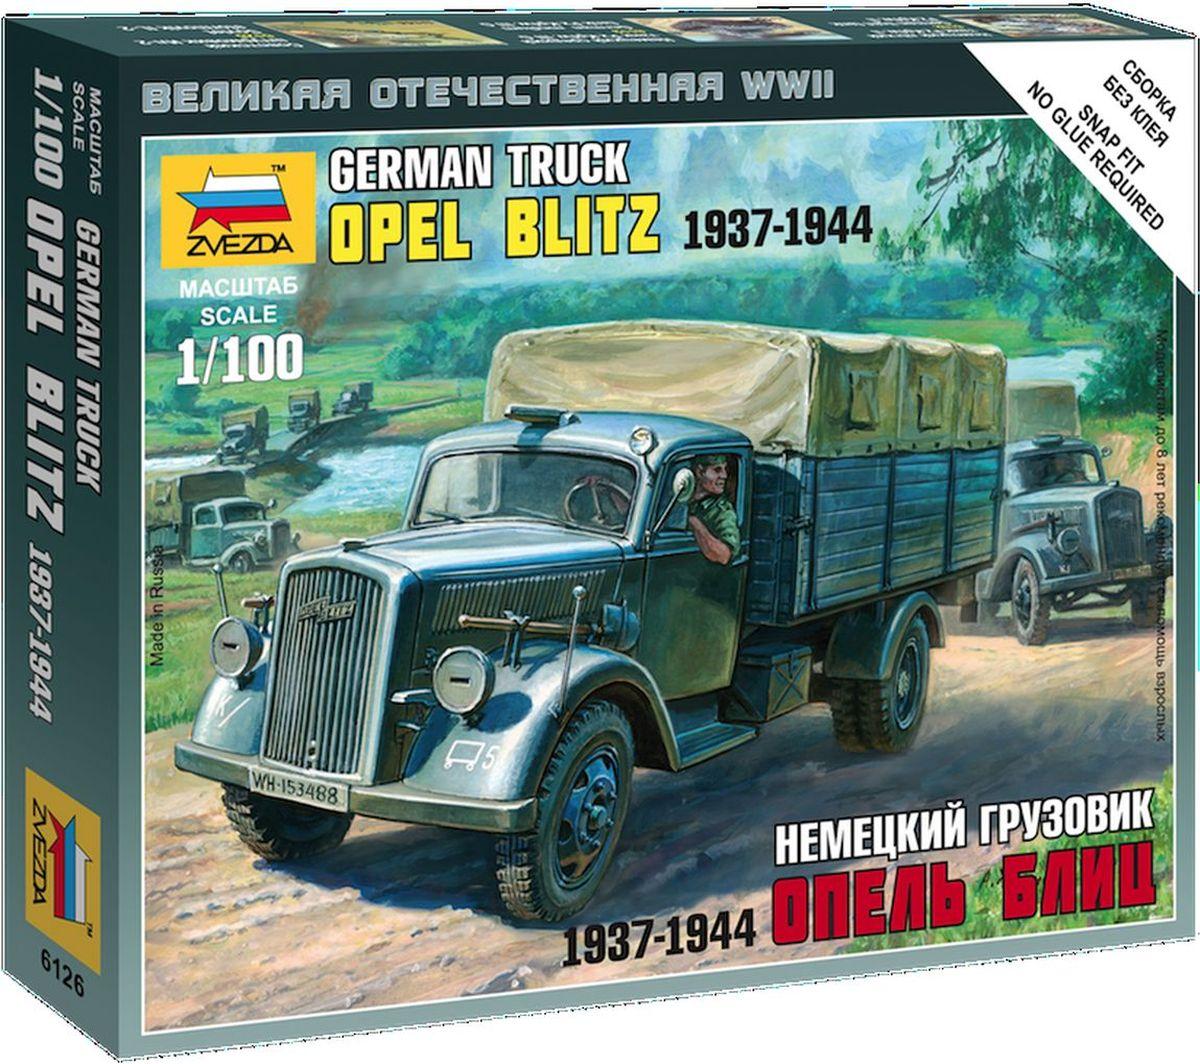 Звезда Сборная модель Немецкий грузовик Опель Блиц 1937-1944 немецкий грузовик опель блиц 6126